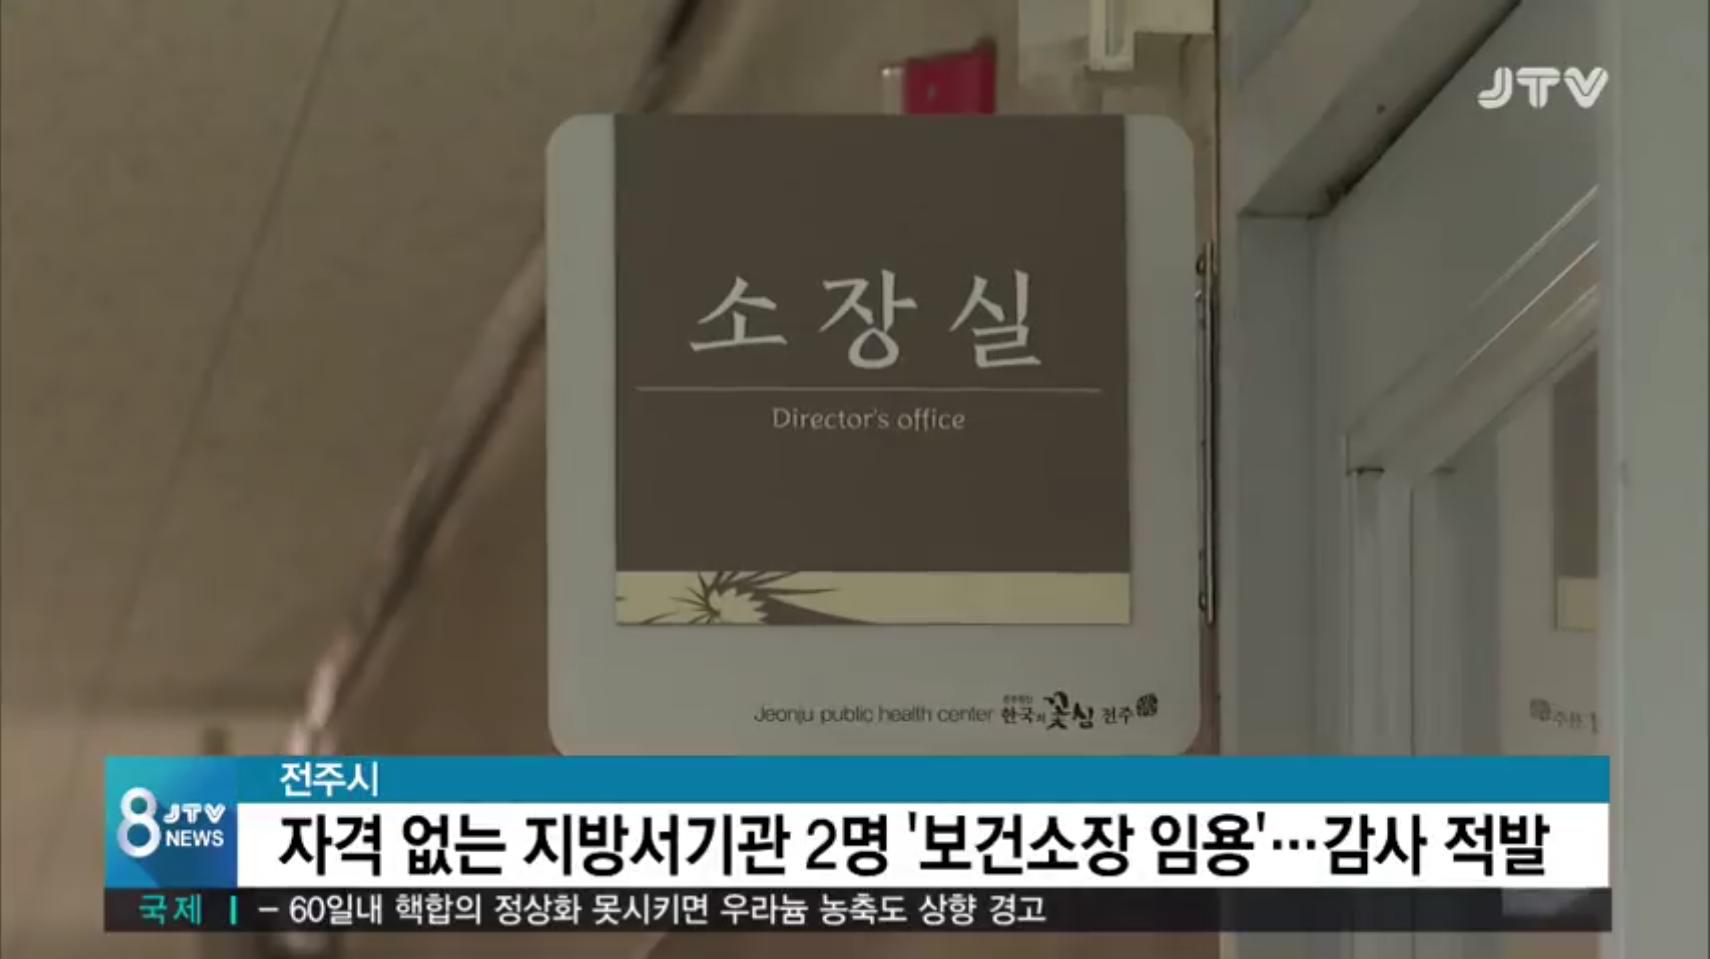 [19.5.7 JTV] 김승수 전주시장 고교선배 4급 특별승진10.png